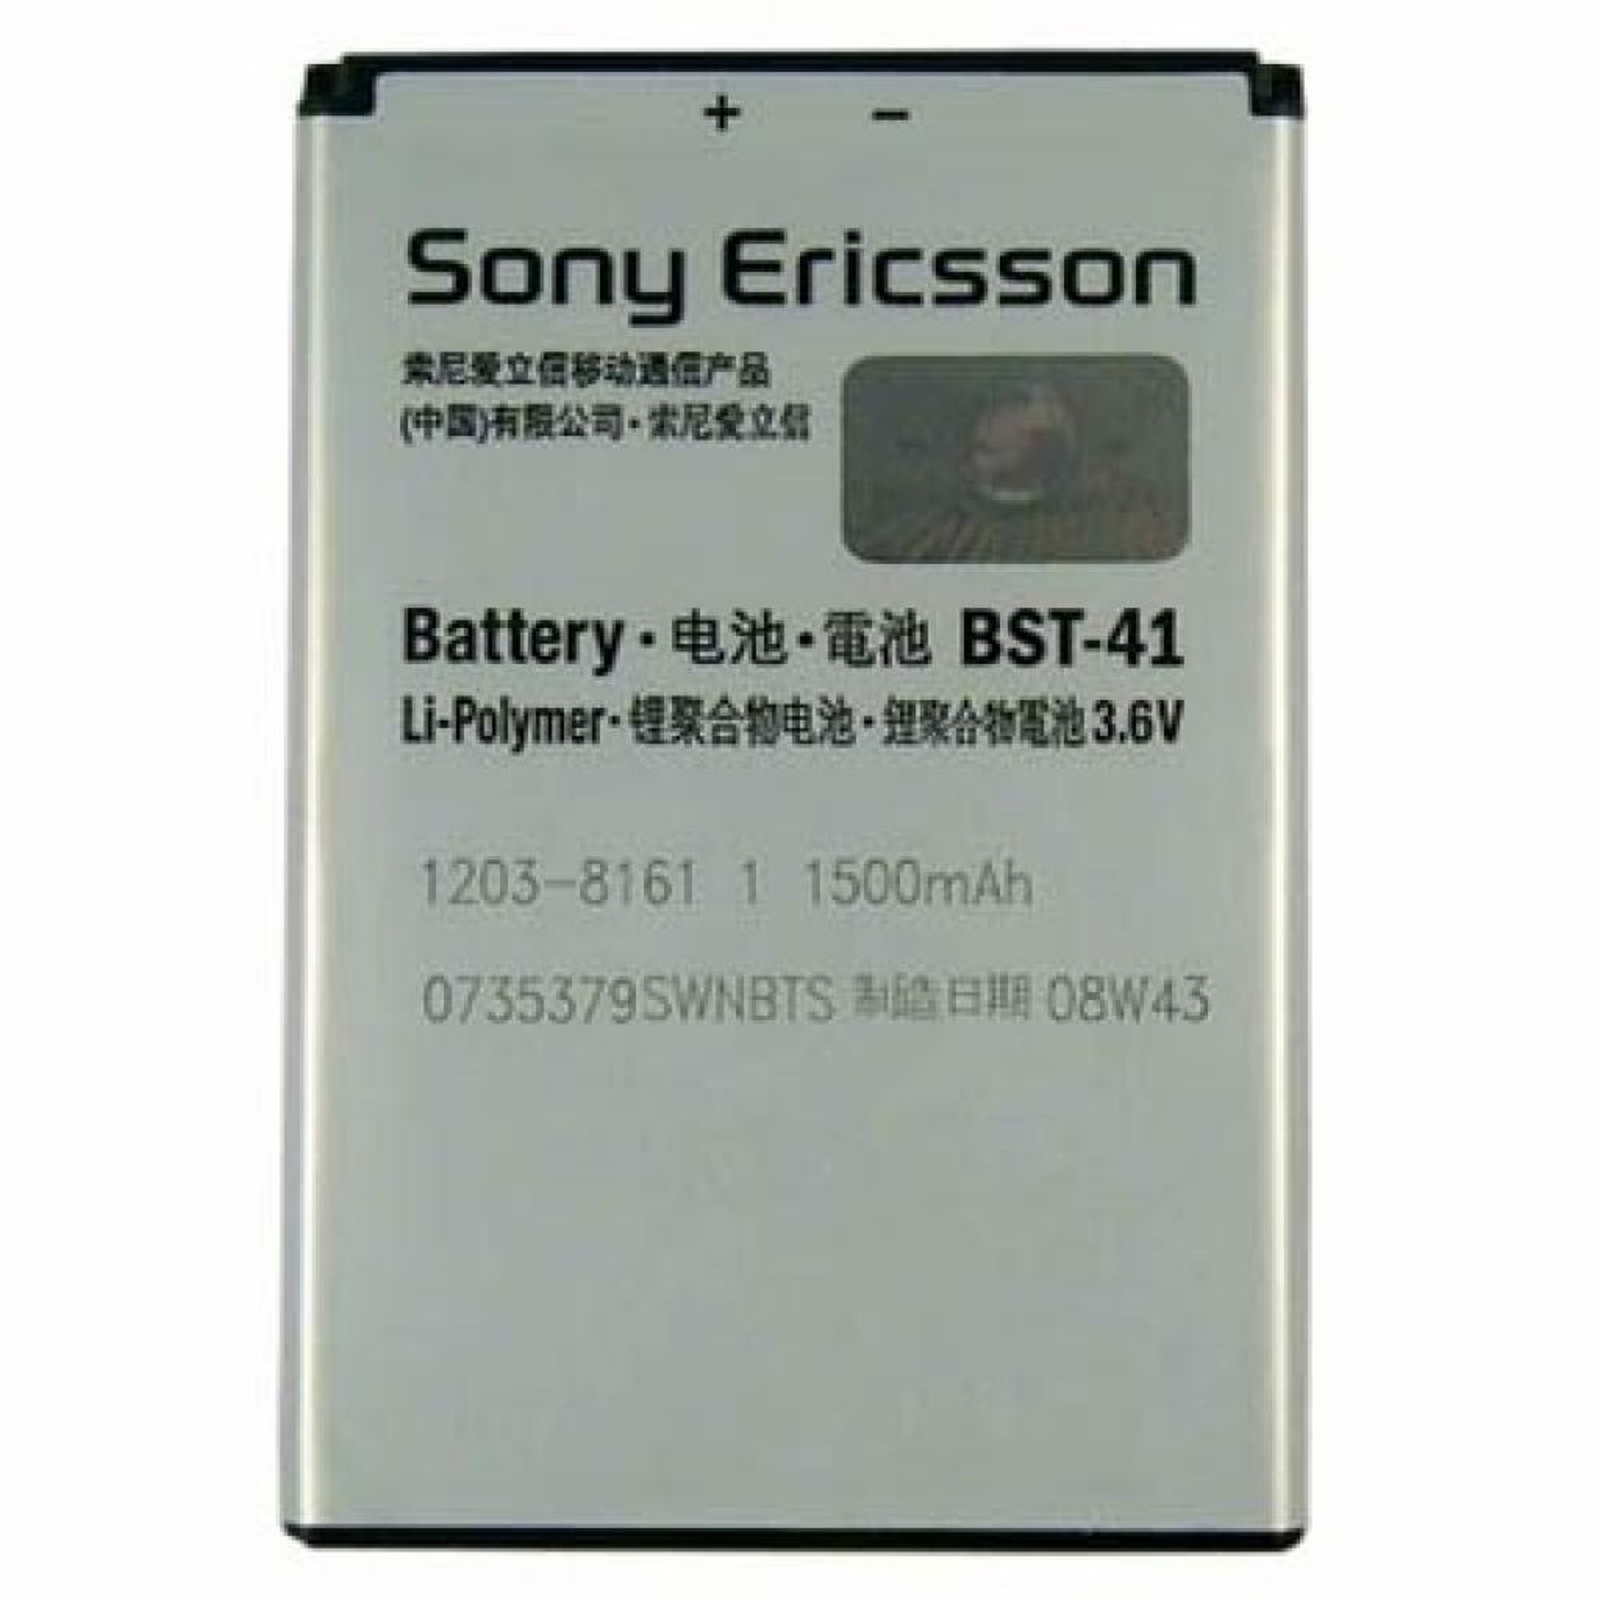 Аккумуляторная батарея SonyEricsson BST-41